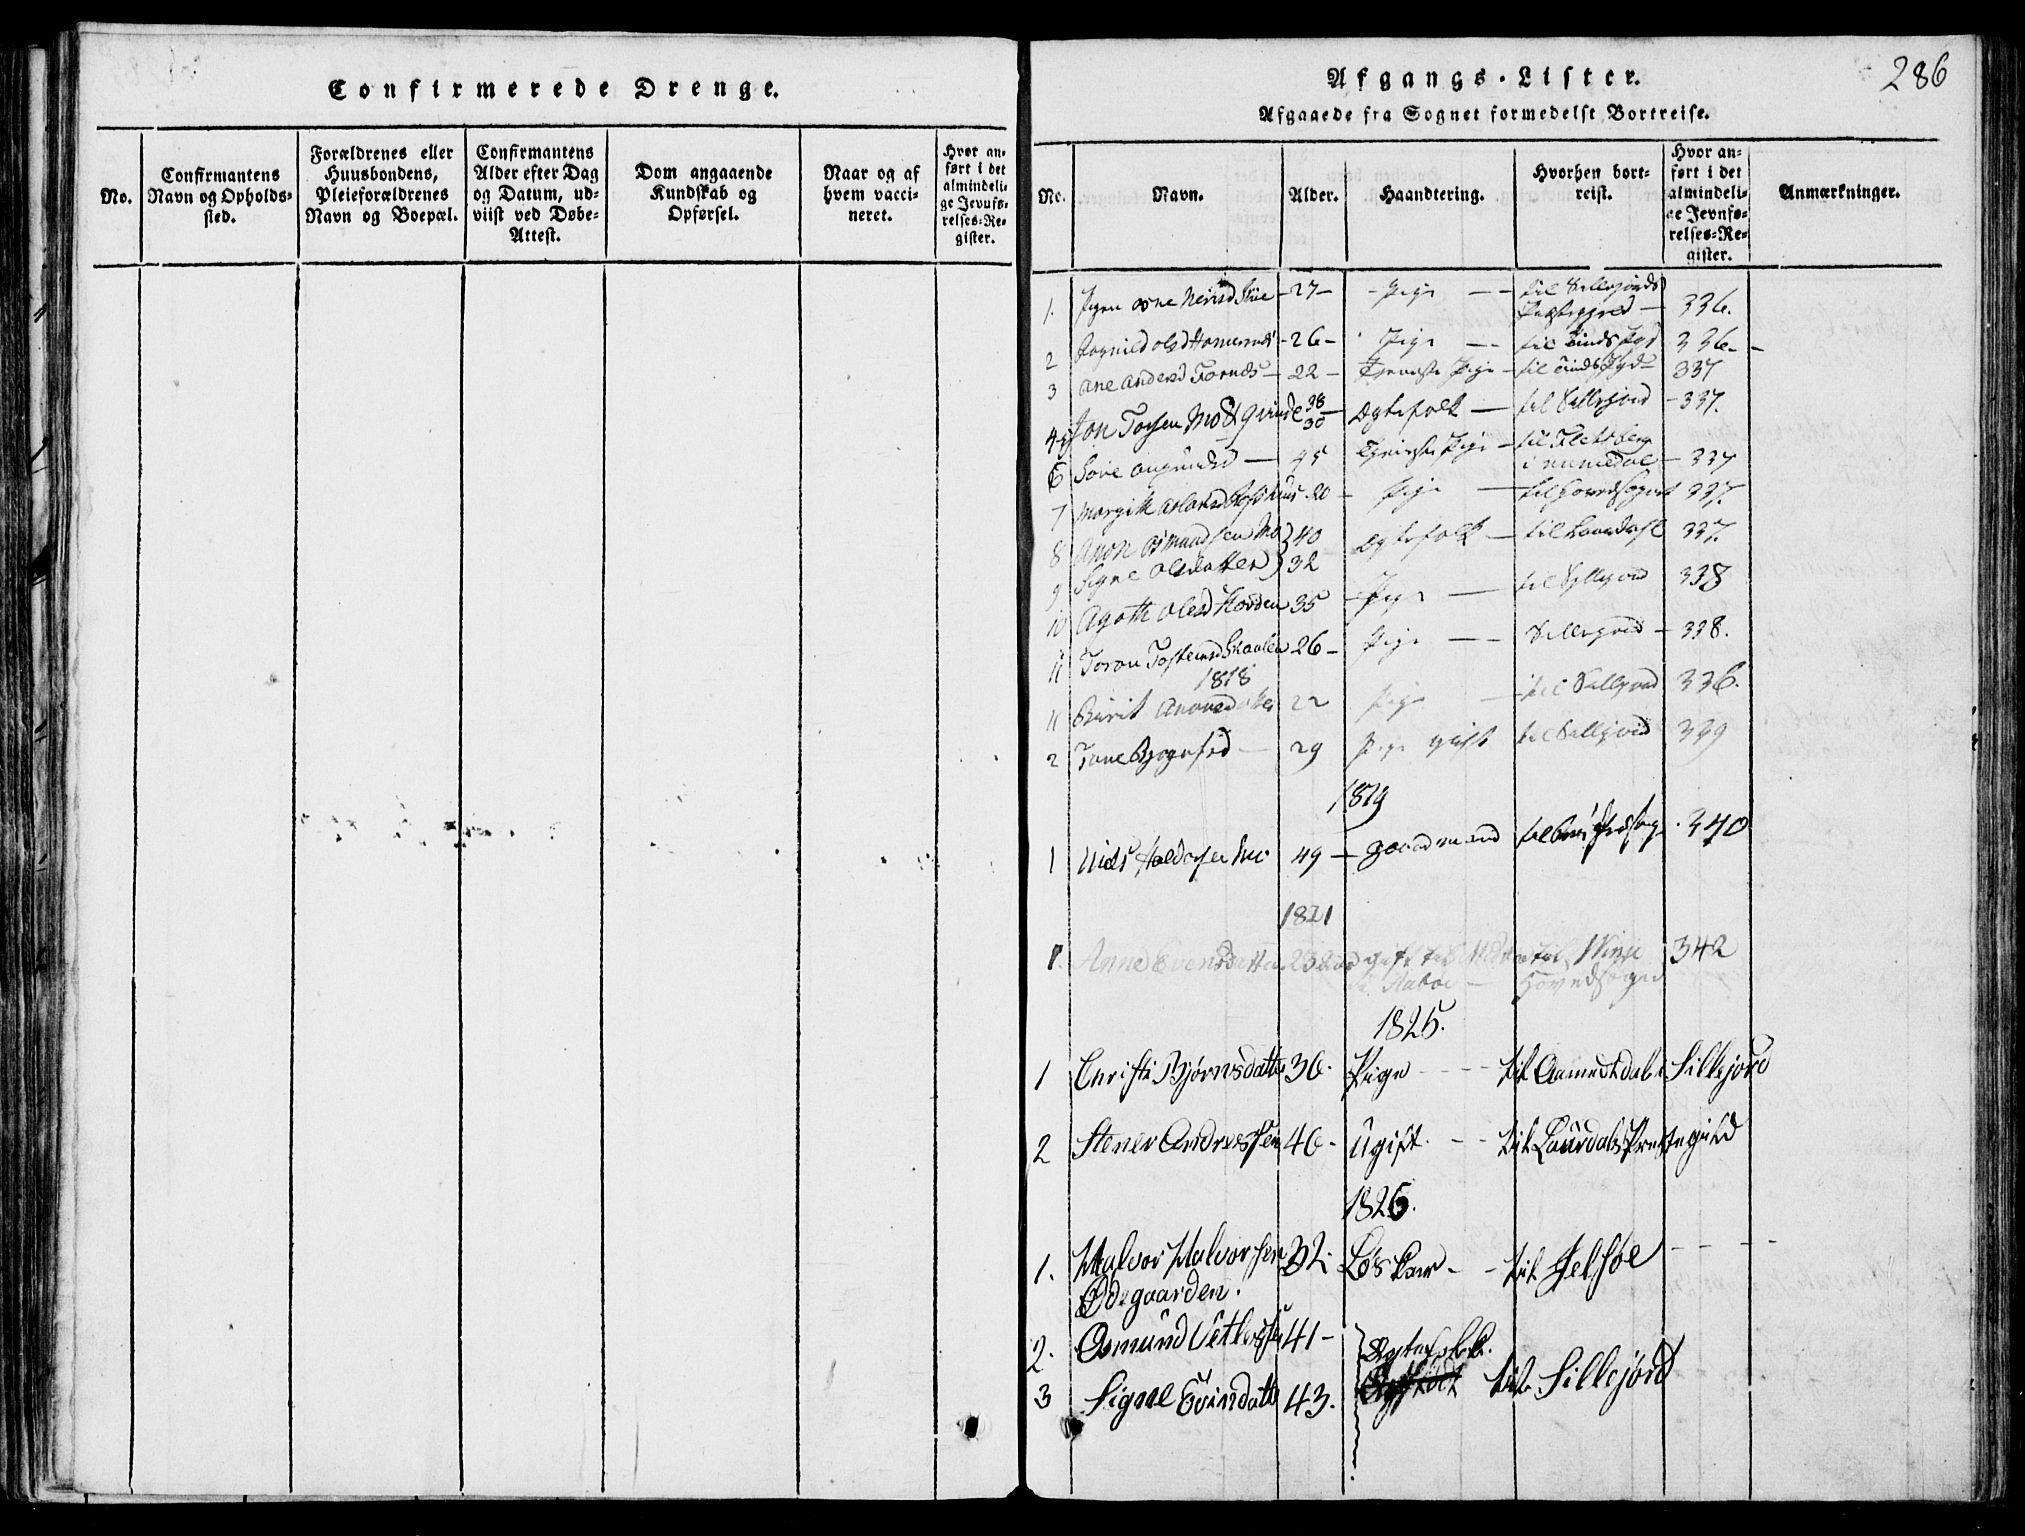 SAKO, Rauland kirkebøker, G/Ga/L0001: Klokkerbok nr. I 1, 1814-1843, s. 286